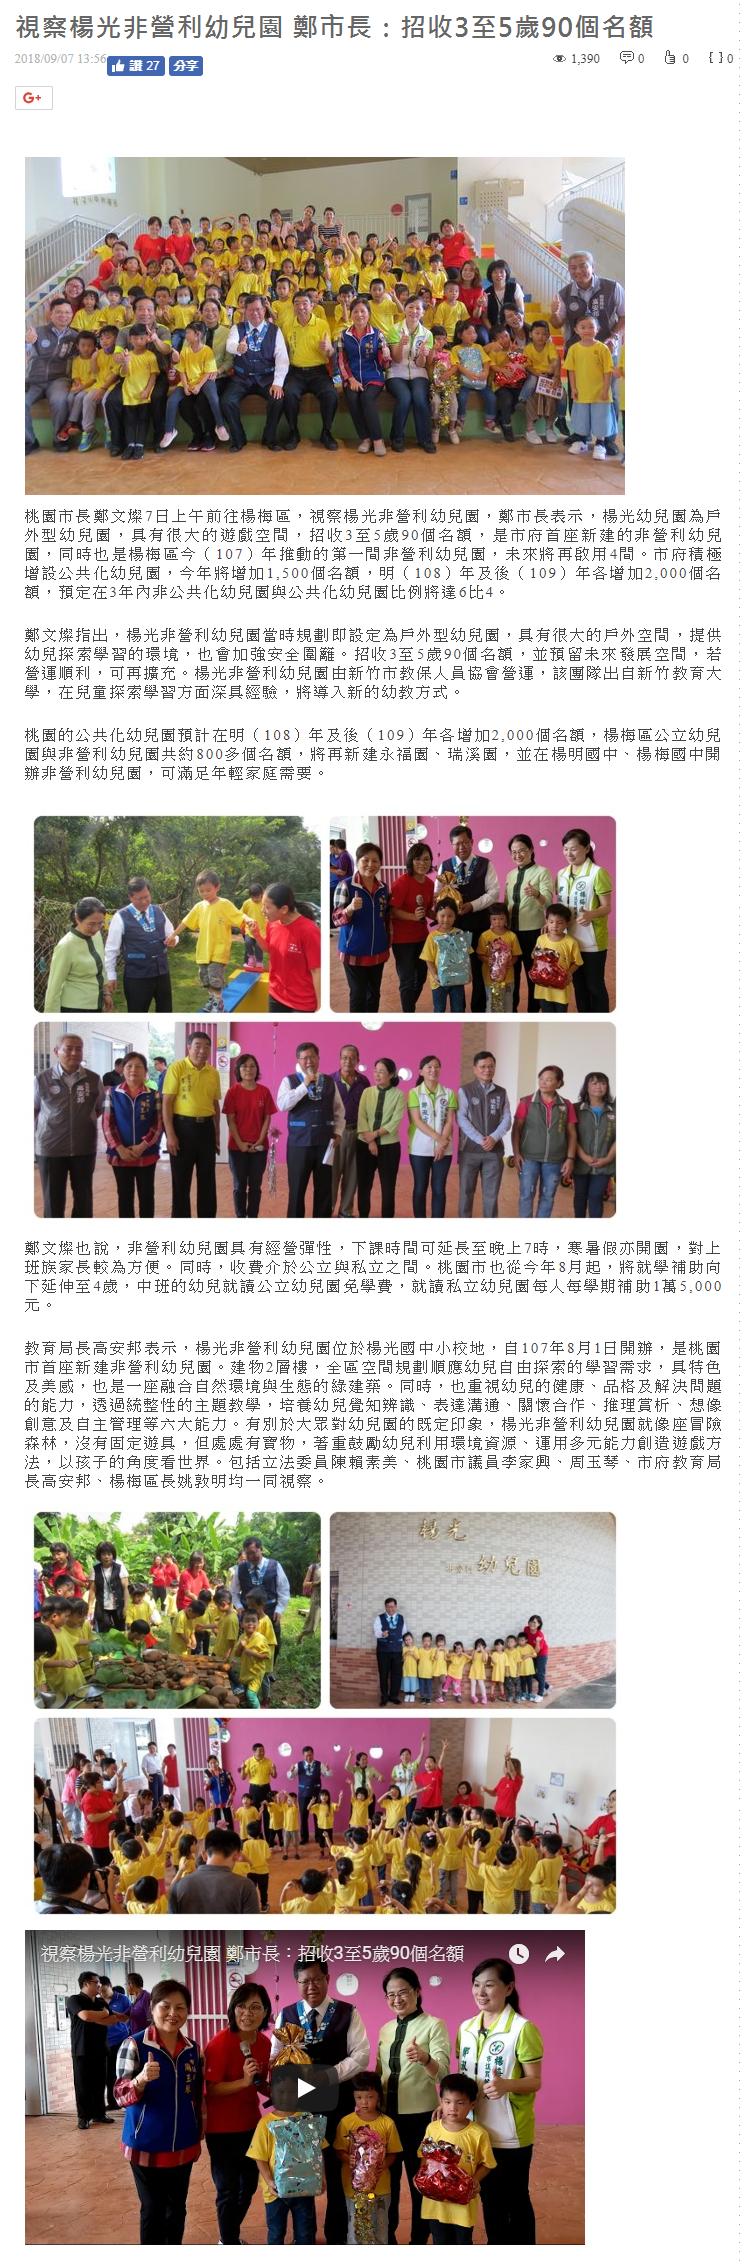 視察楊光非營利幼兒園 鄭市長:招收3至5歲90個名額